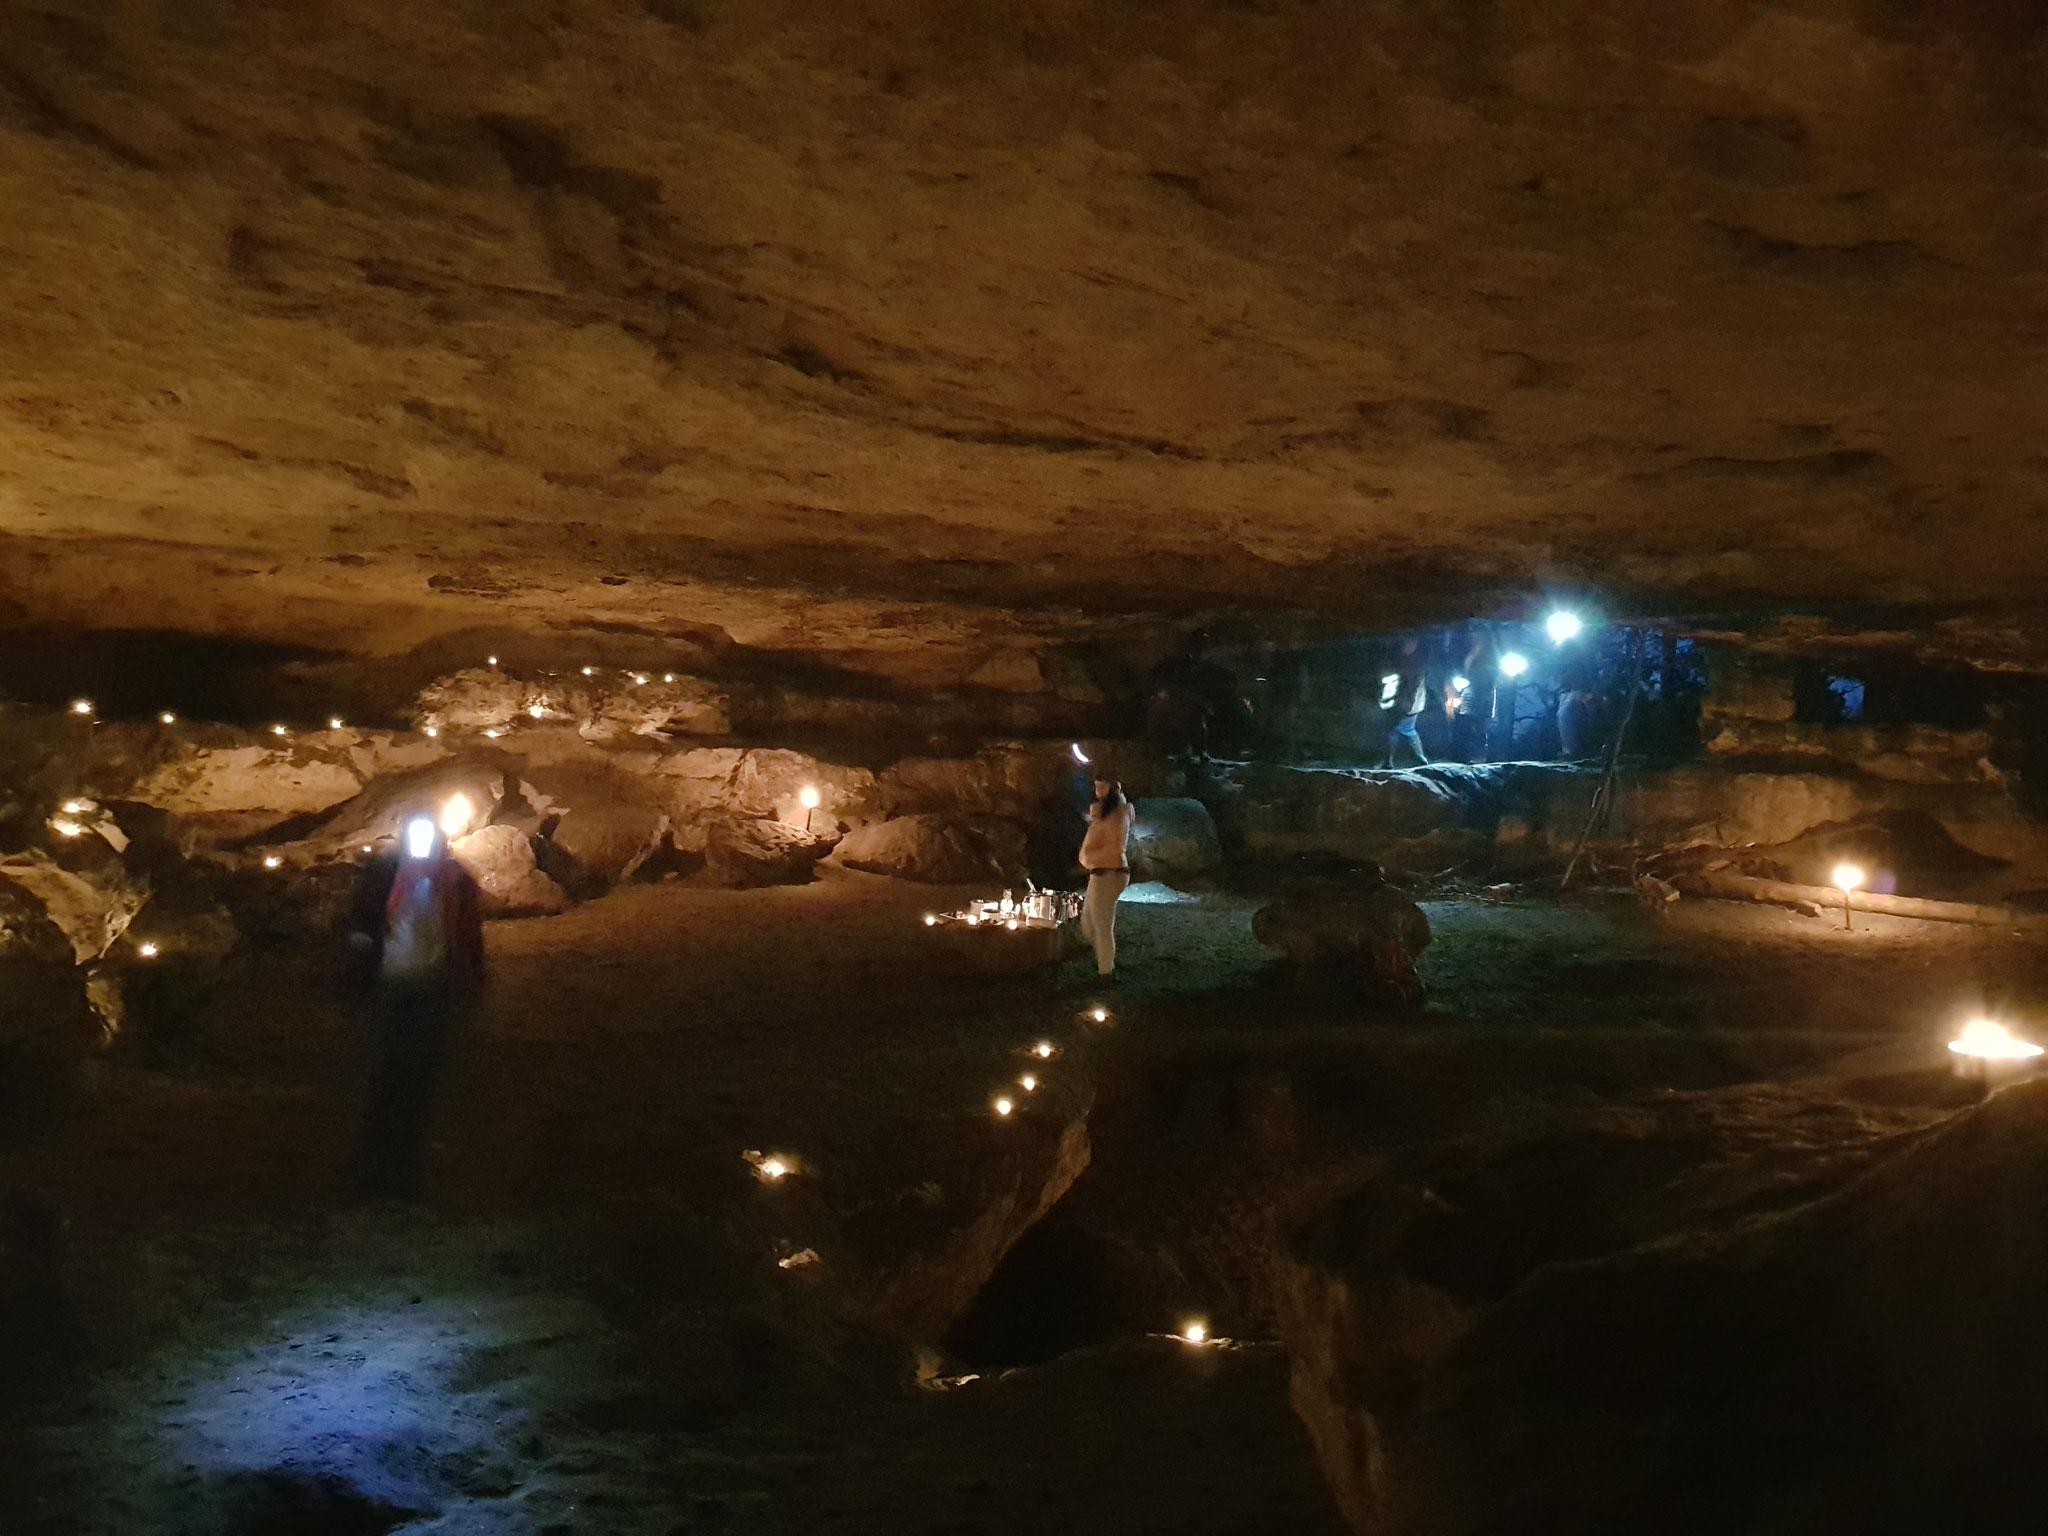 Ankunft in der Lichterhöhle